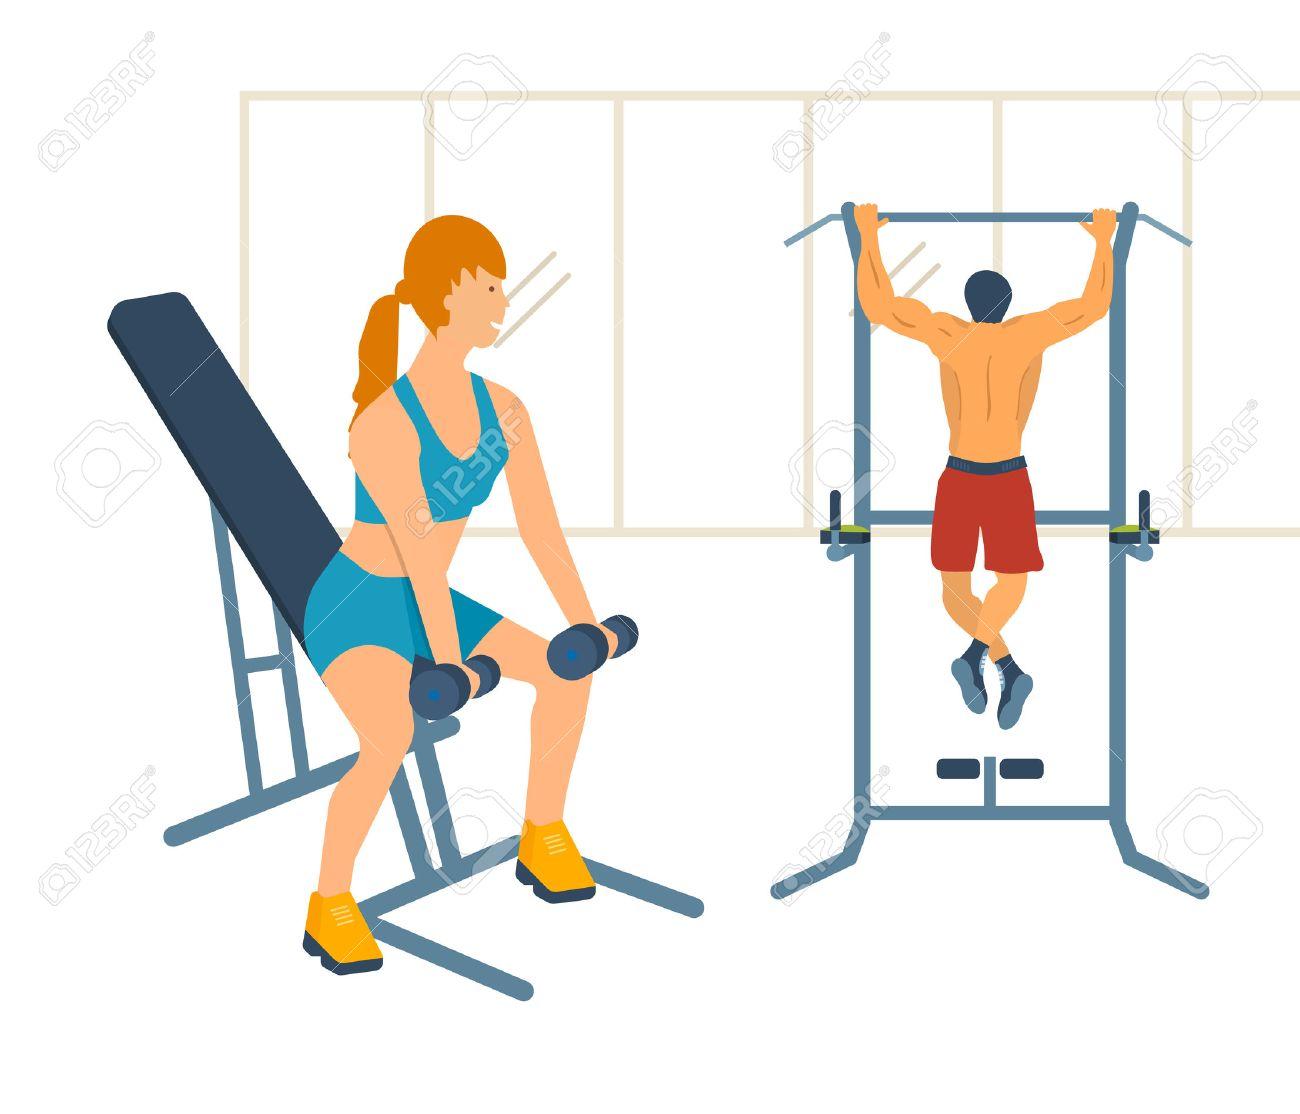 ilustración de dibujos animados de una mujer el ejercicio con pesas